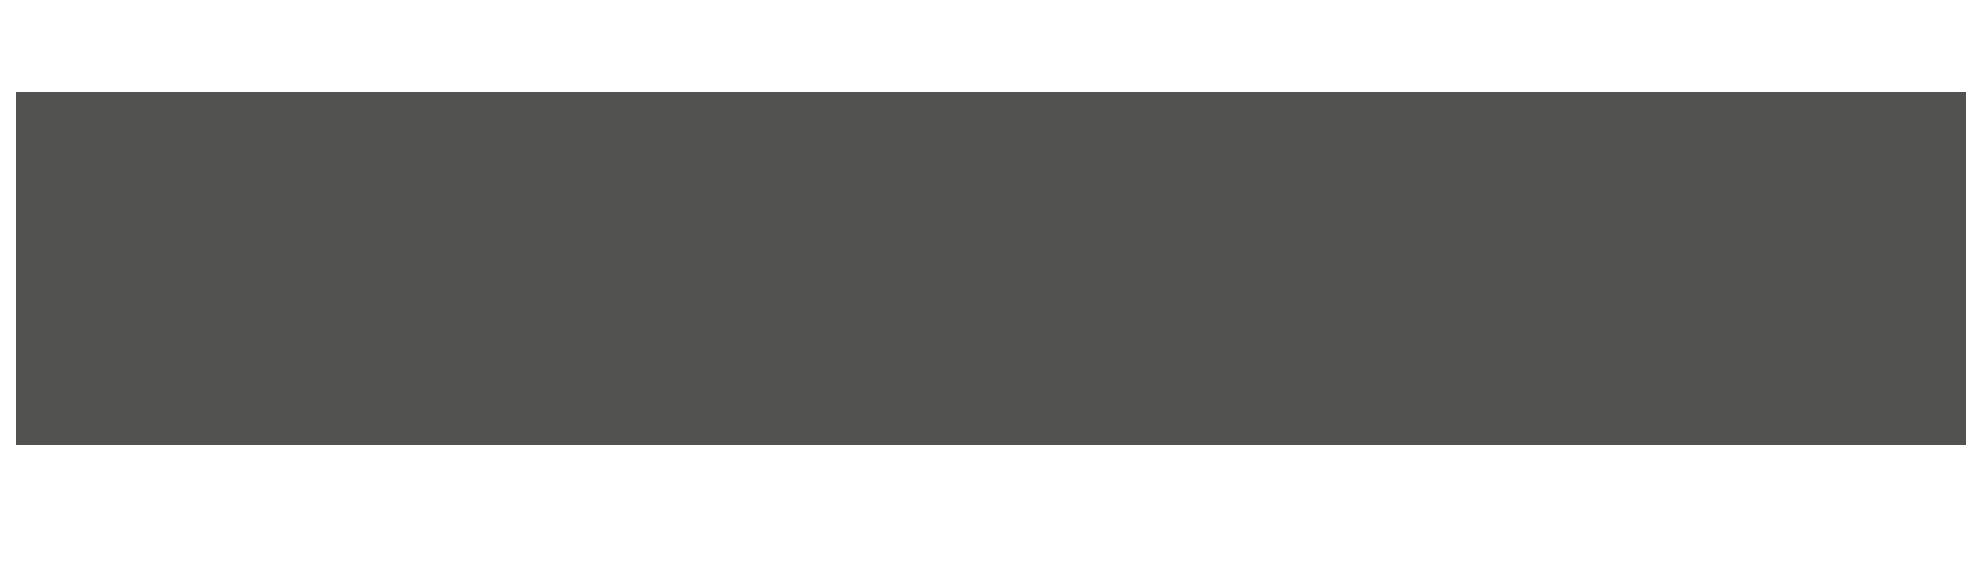 «KLÖCKNER DESMA SHOE MACHINERY» - ведущий мировой разработчик и производитель машин и оборудования для обувного производства, Германия